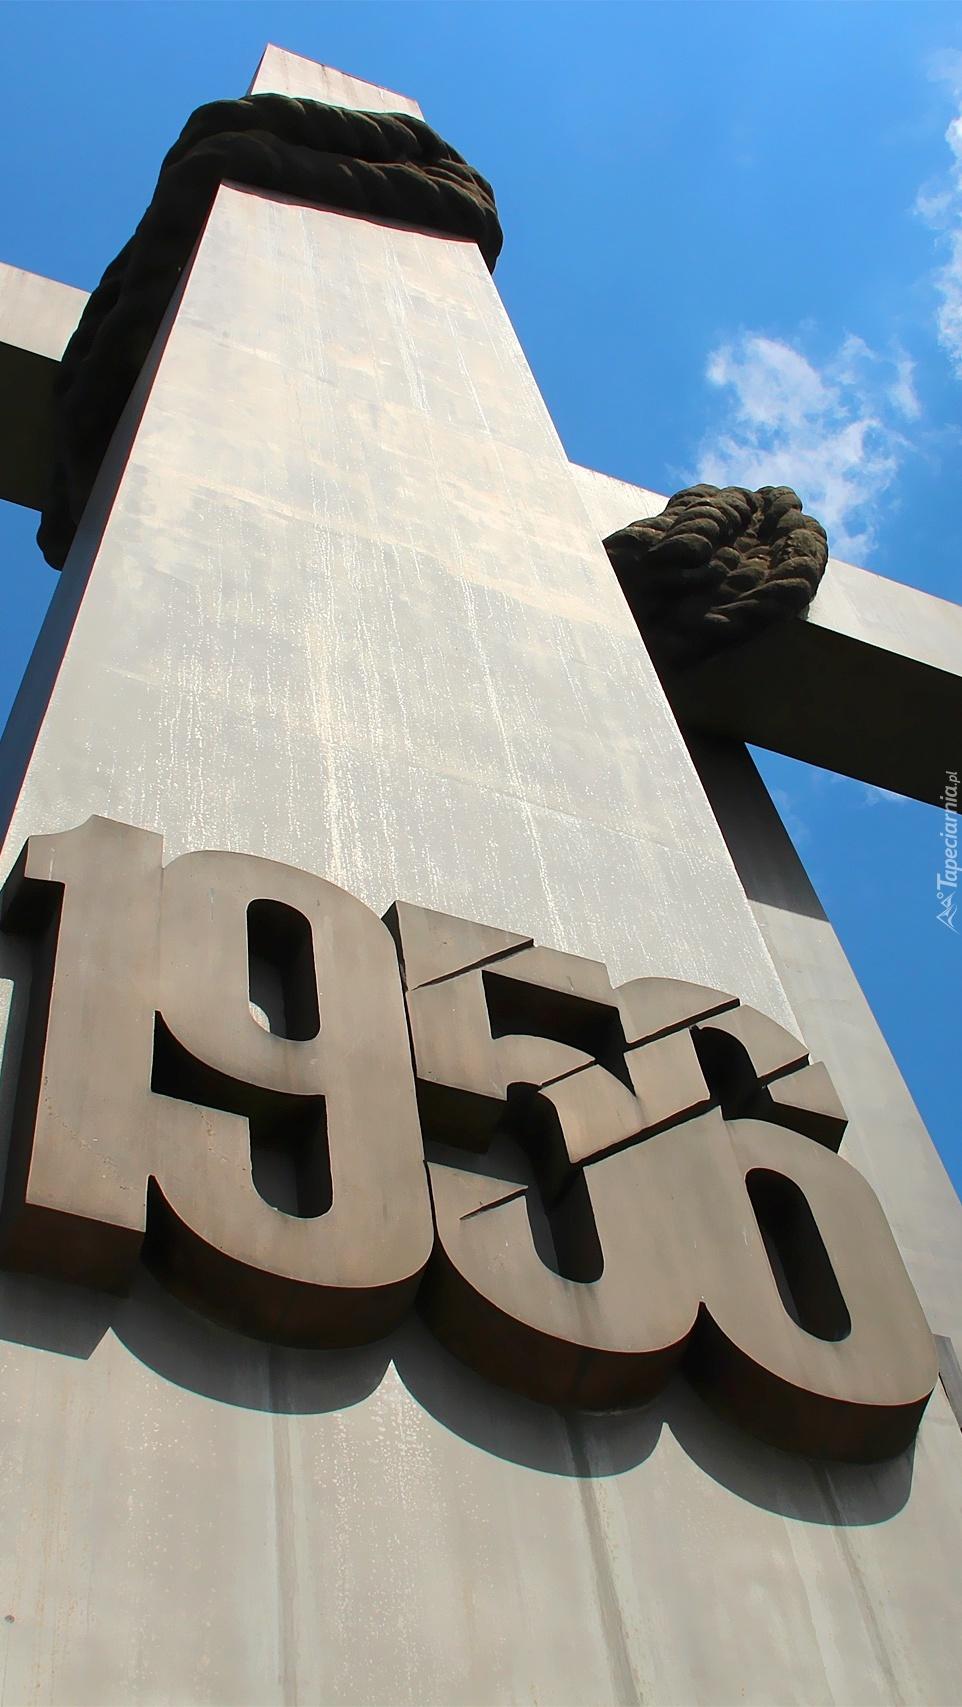 Poznańskie krzyże 1956